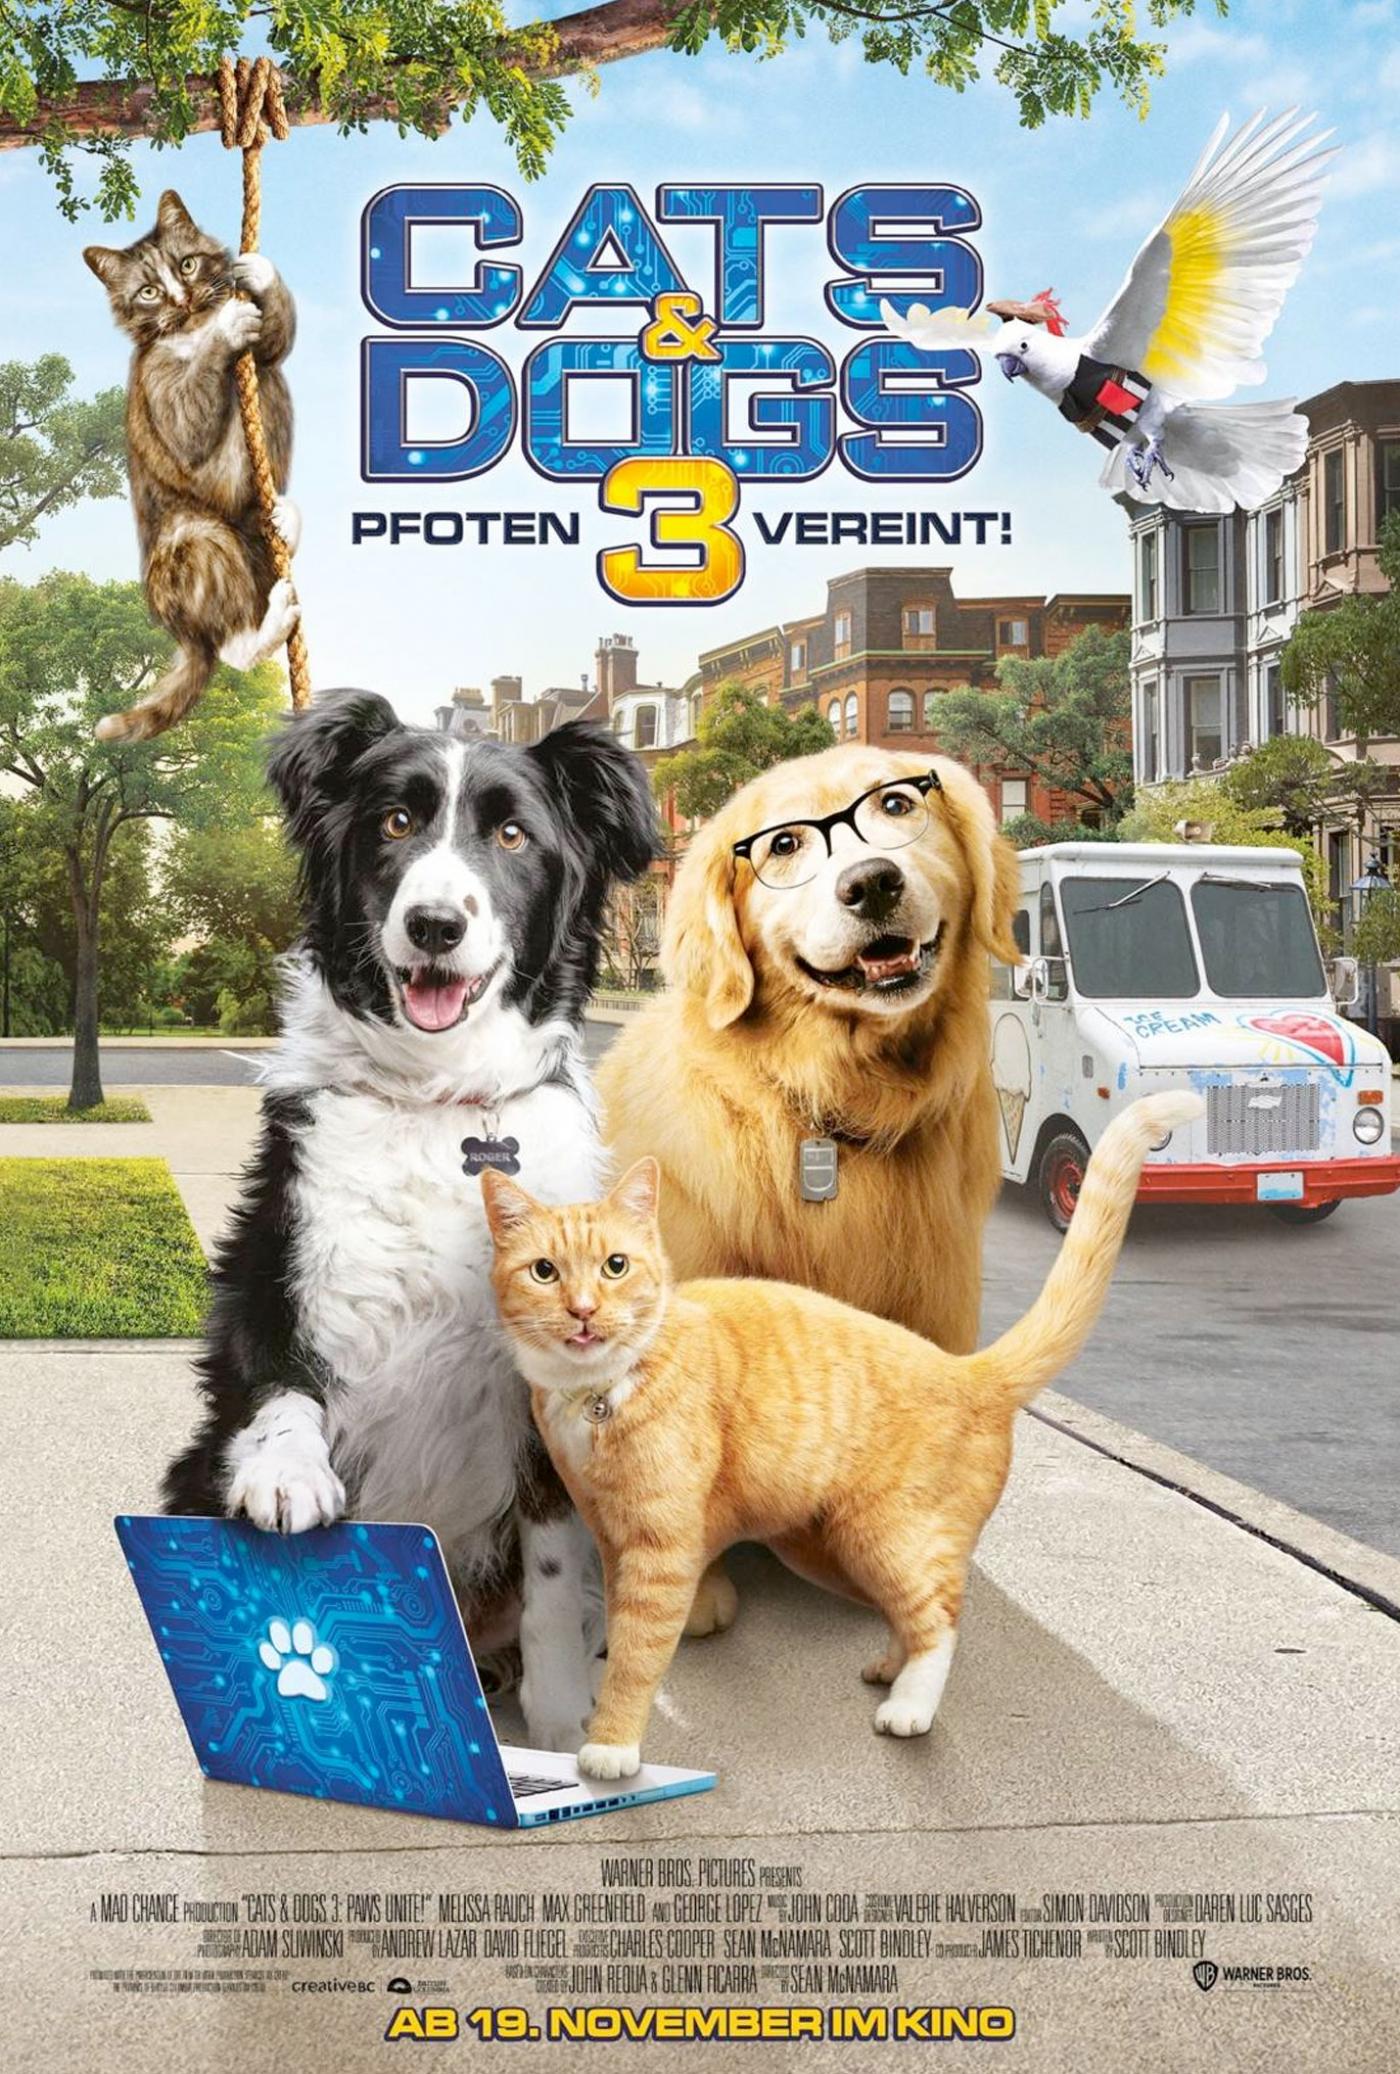 CATS & DOGS: PFOTEN VEREINT!